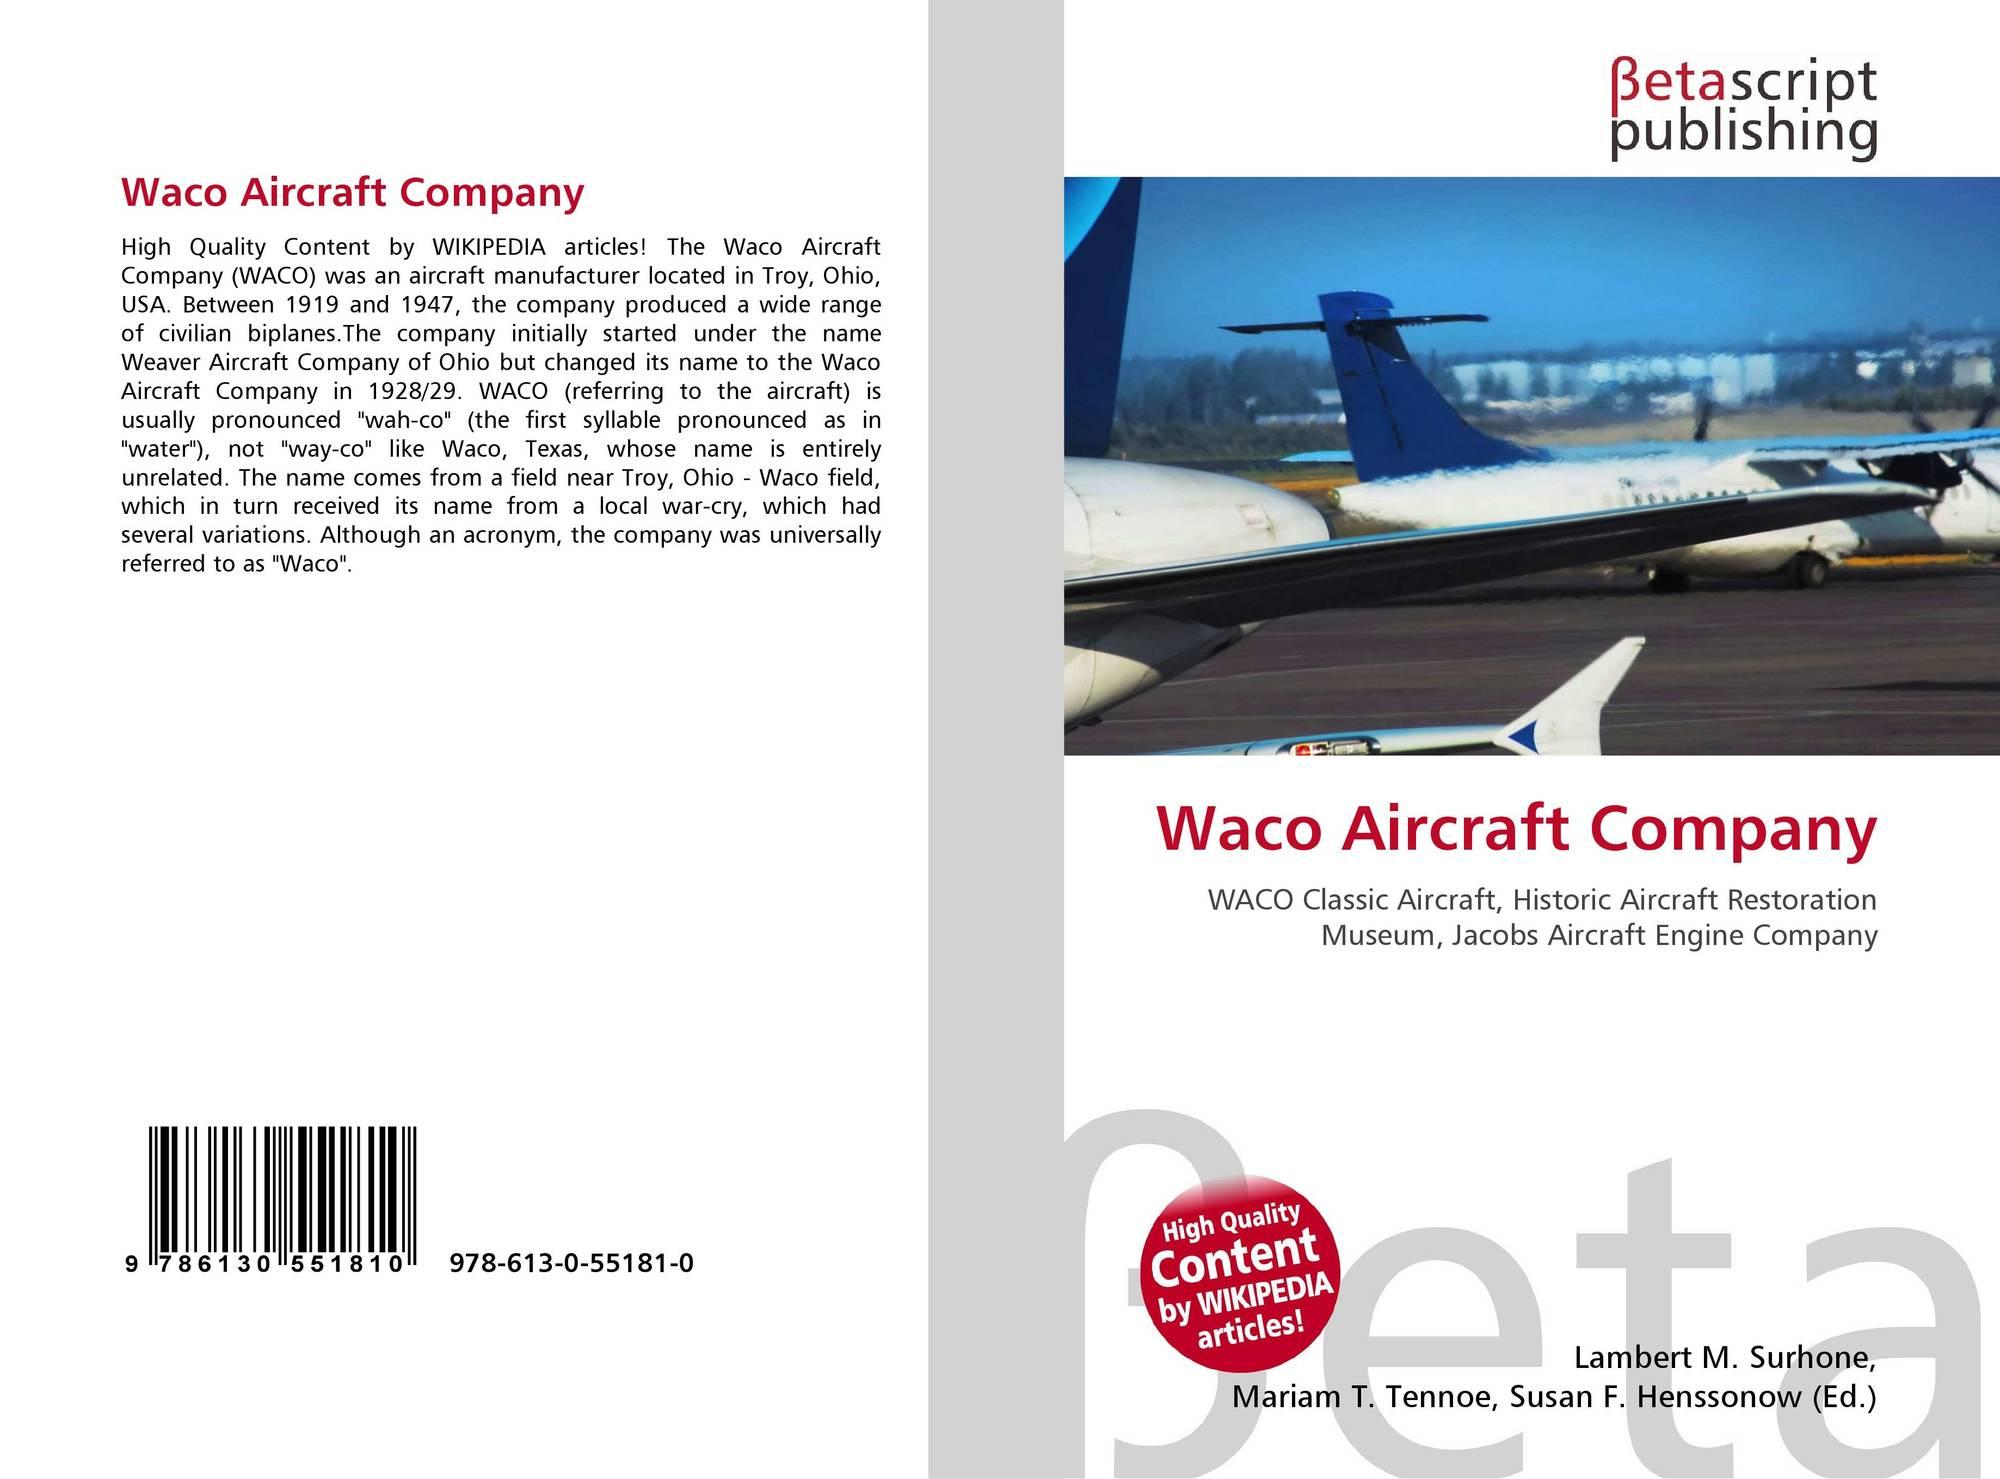 Waco Aircraft Company, 978-613-0-55181-0, 6130551819